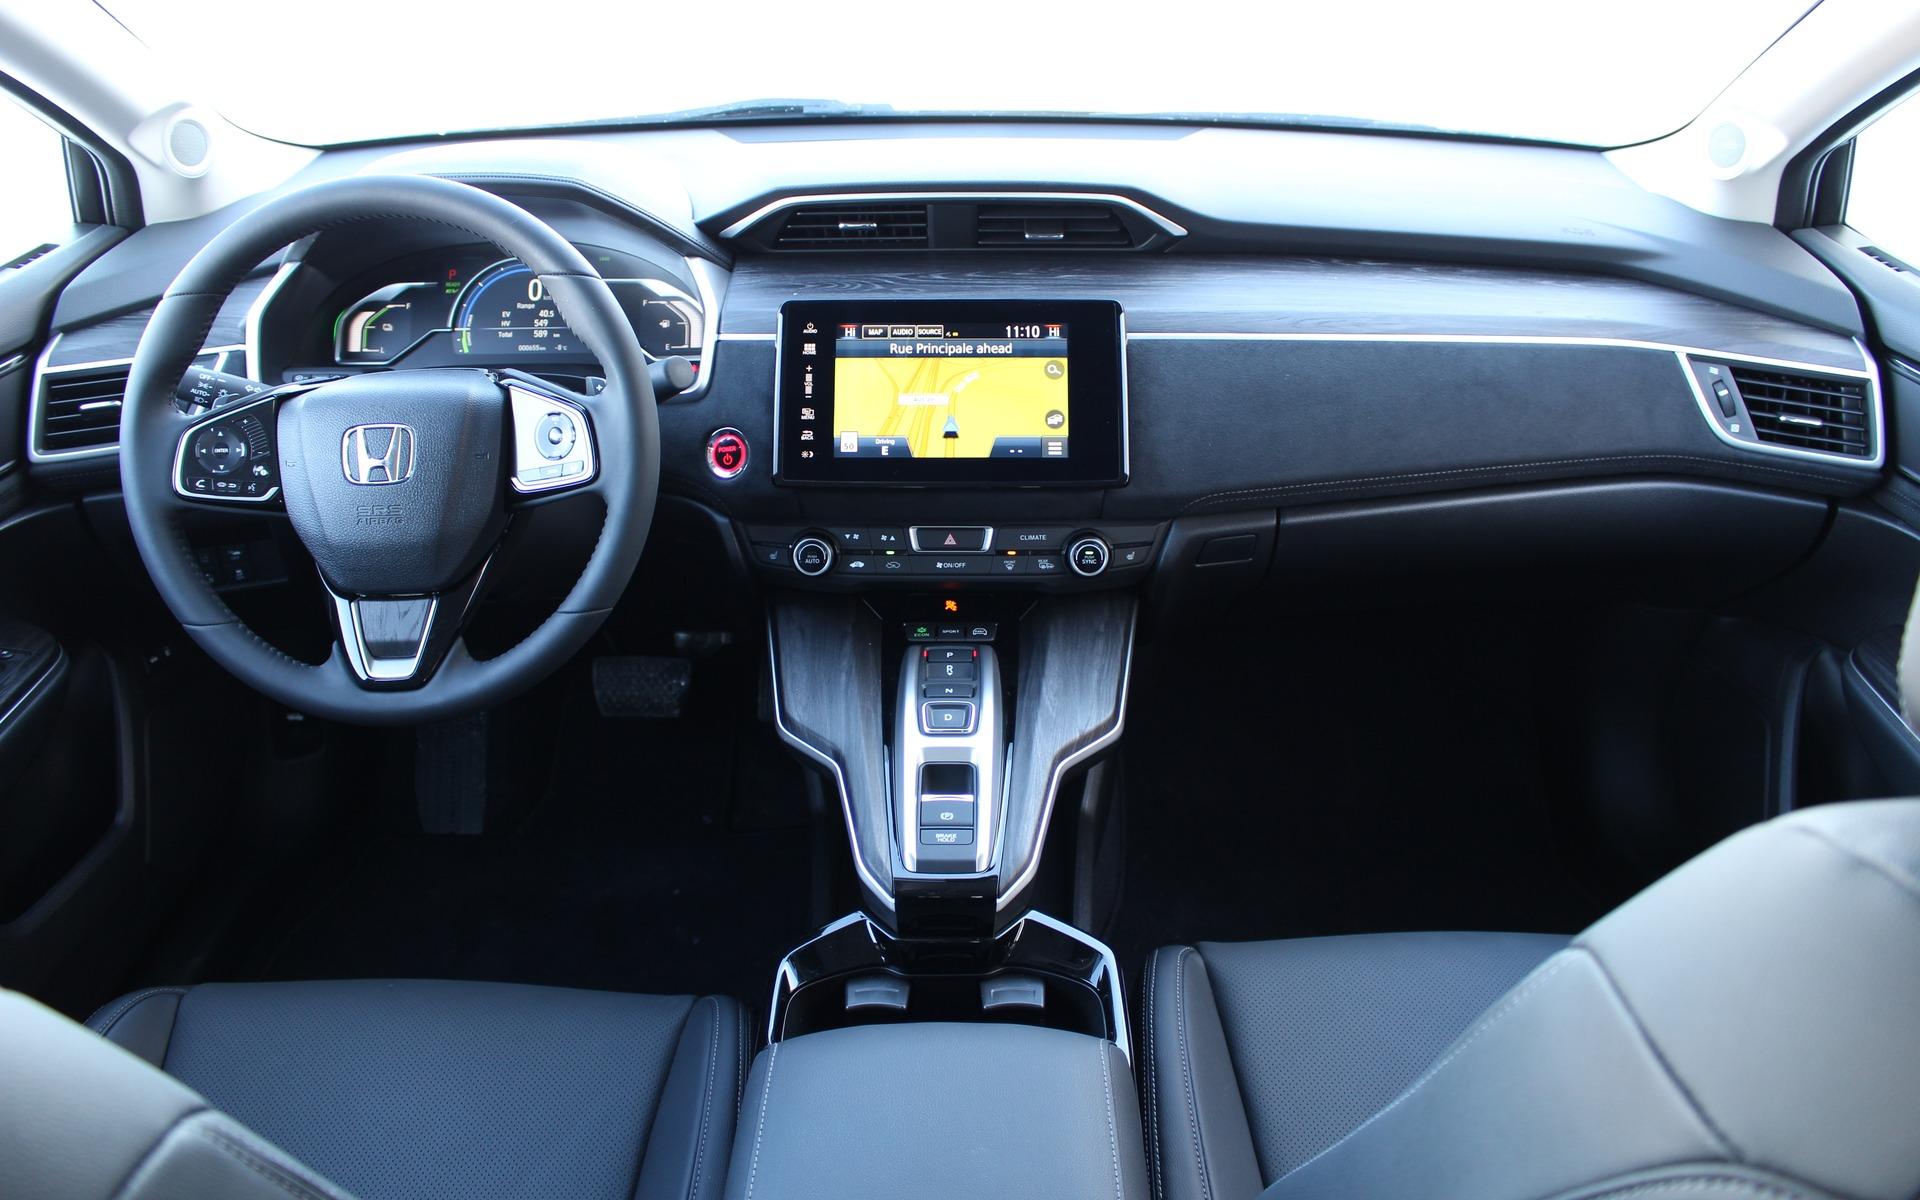 honda clarity hybride rechargeable 2018 fantastique tous points de vue sauf un guide auto. Black Bedroom Furniture Sets. Home Design Ideas